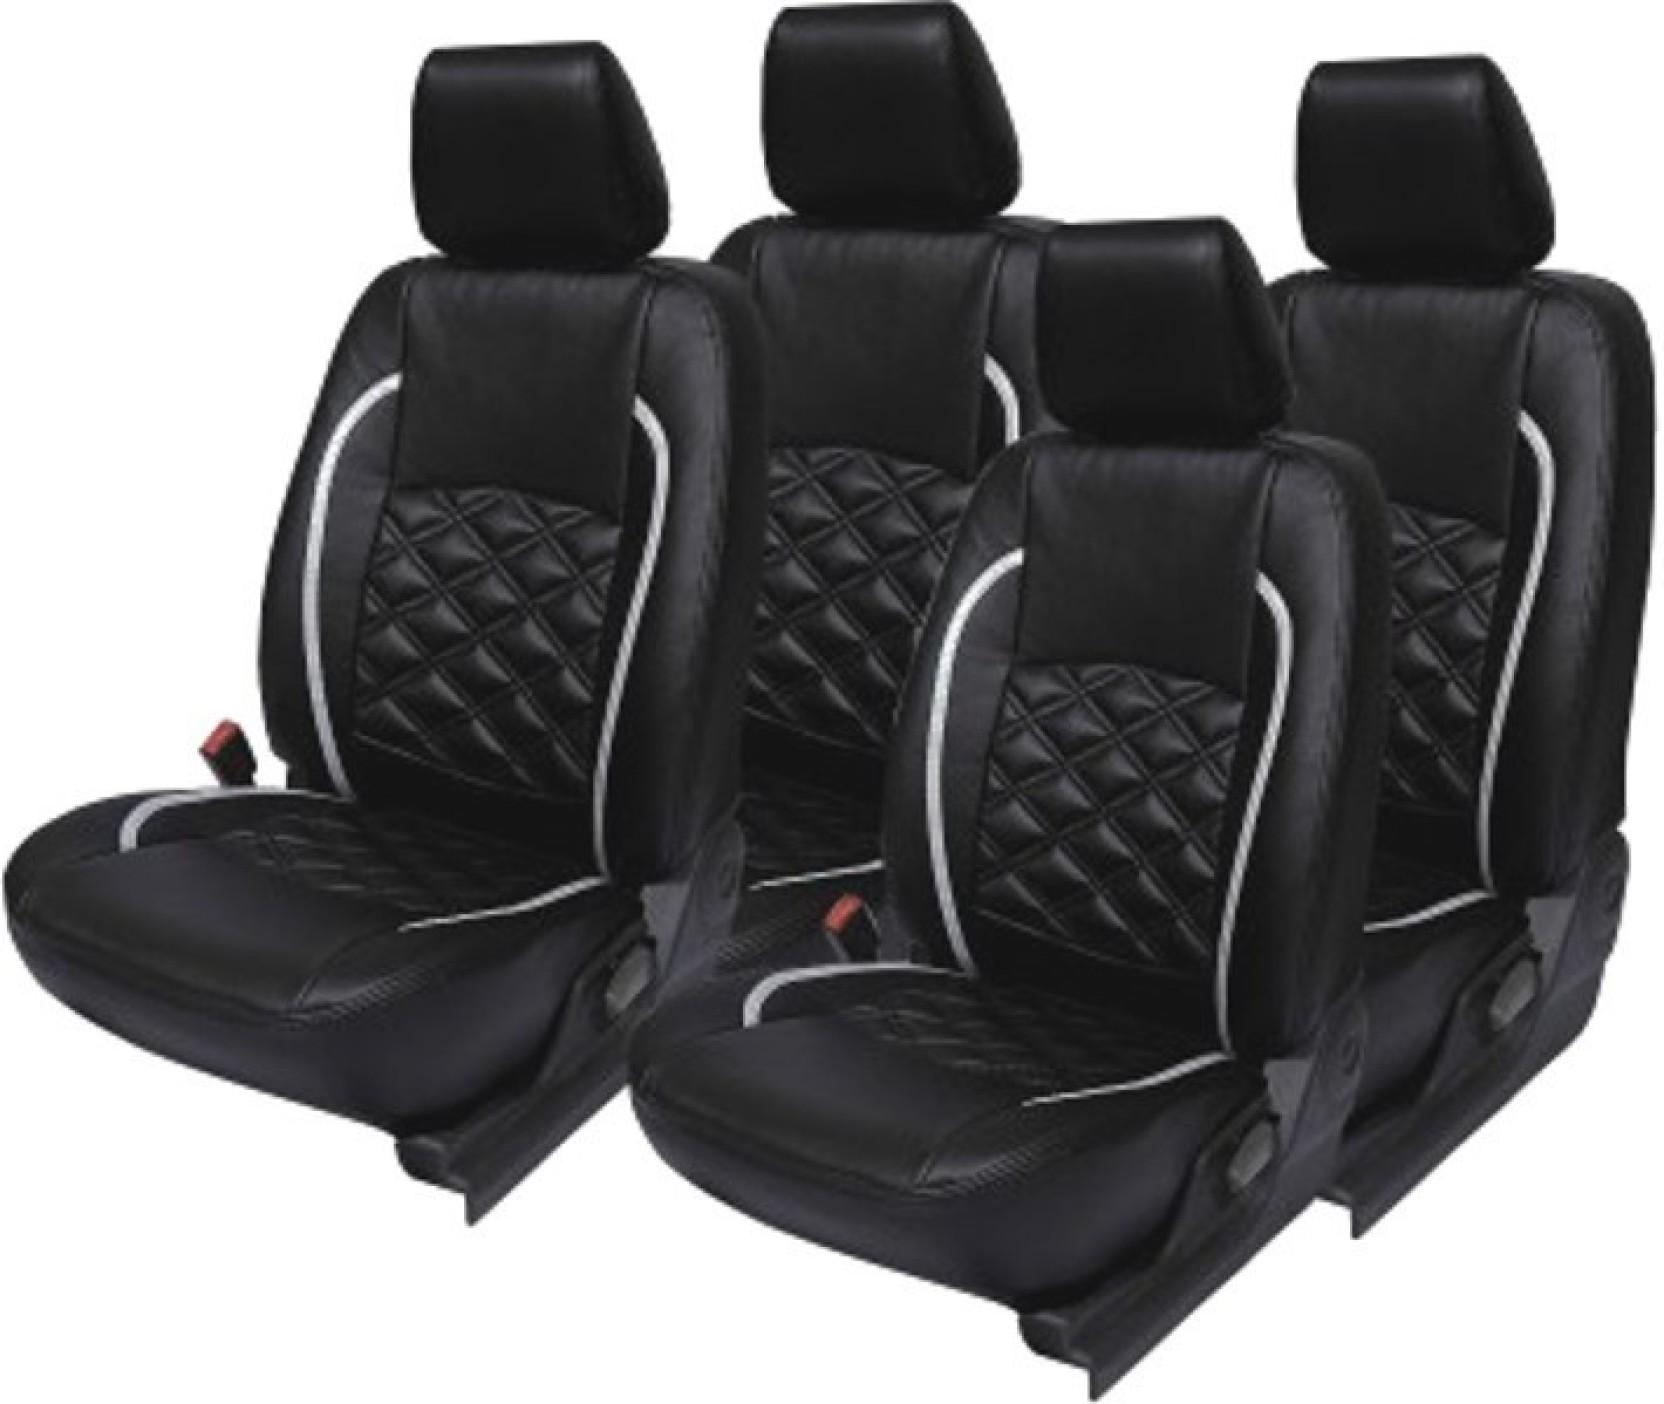 Maxin PU Leather Car Seat Cover For Hyundai Grand I10